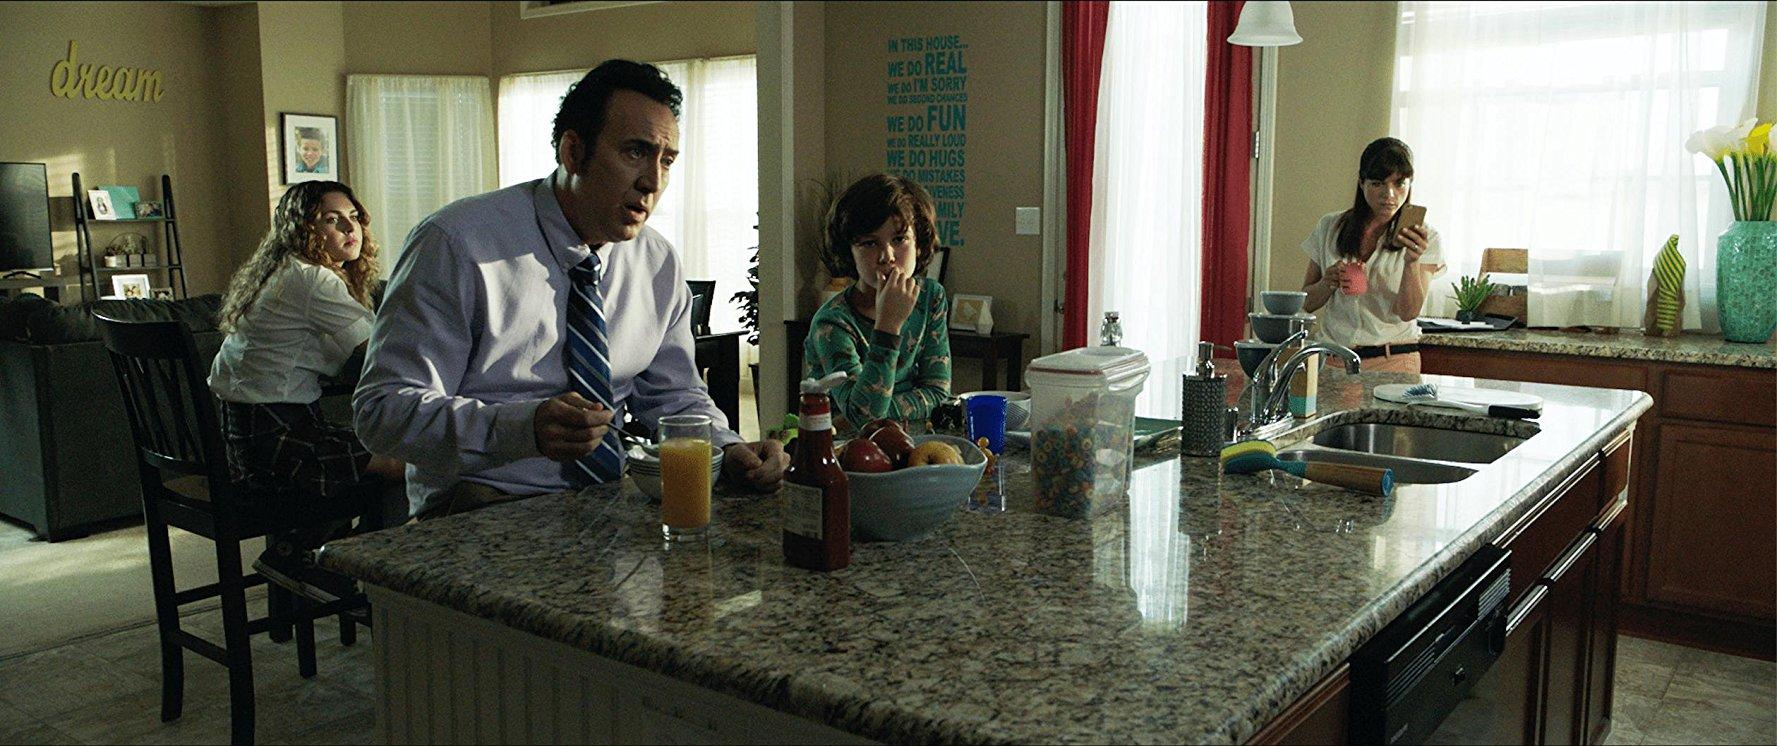 Nice abnormal family.